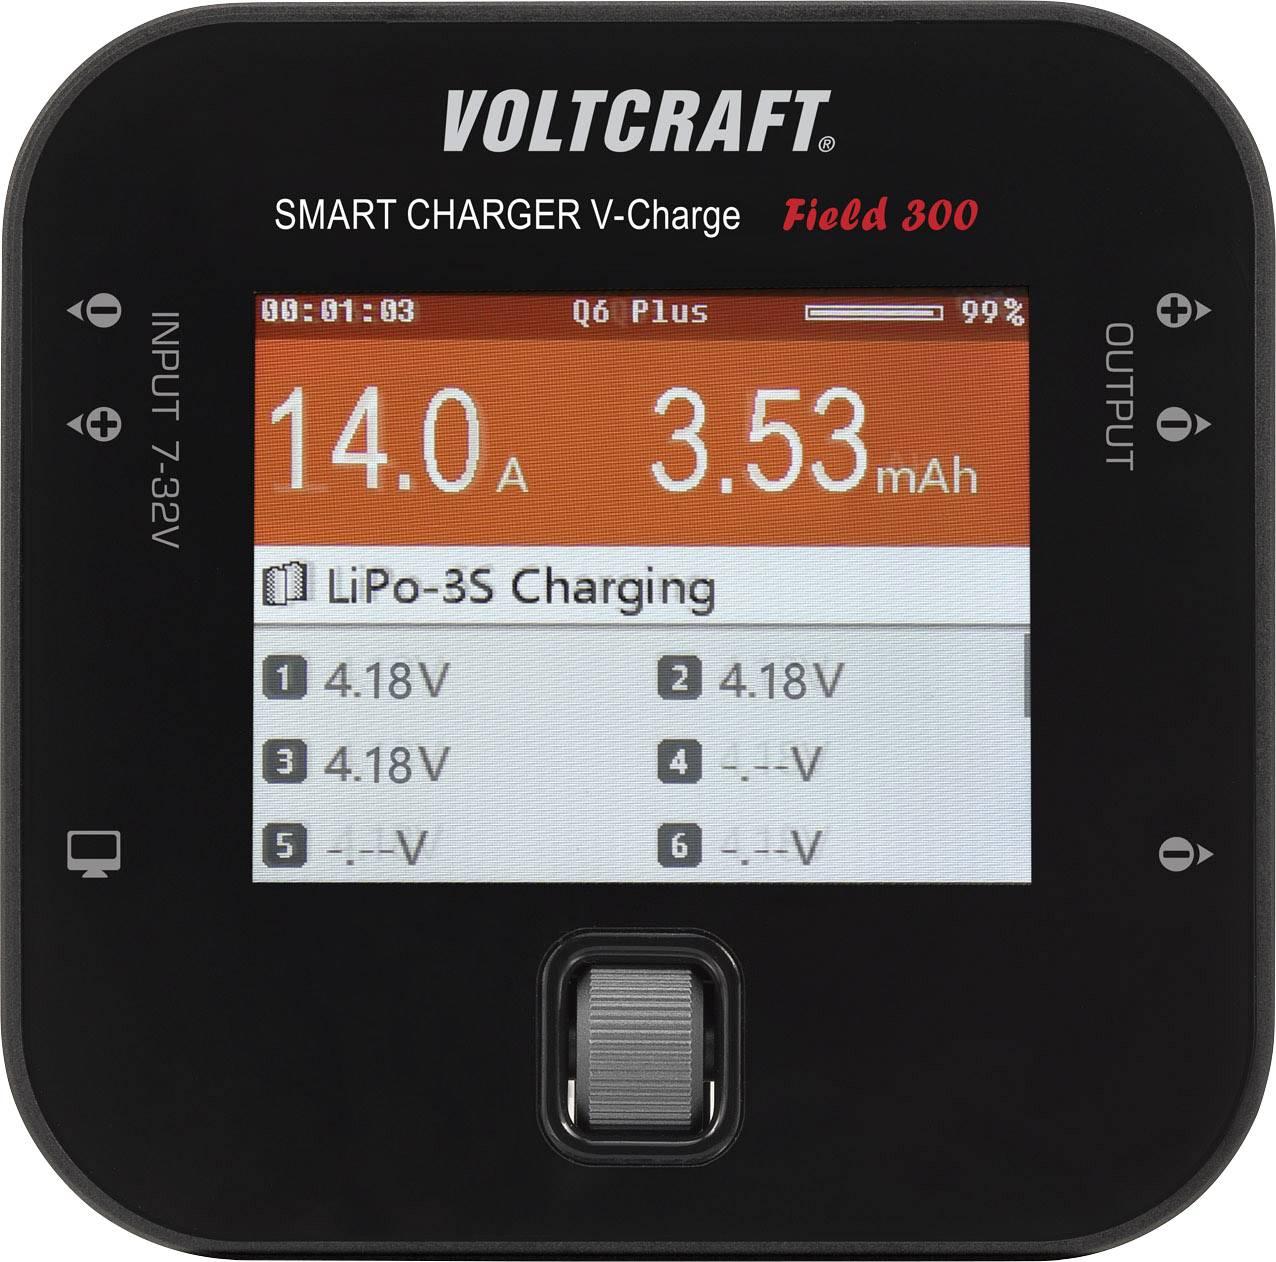 Modelářská multifunkční nabíječka VOLTCRAFT Field 300 1595032, 14 A